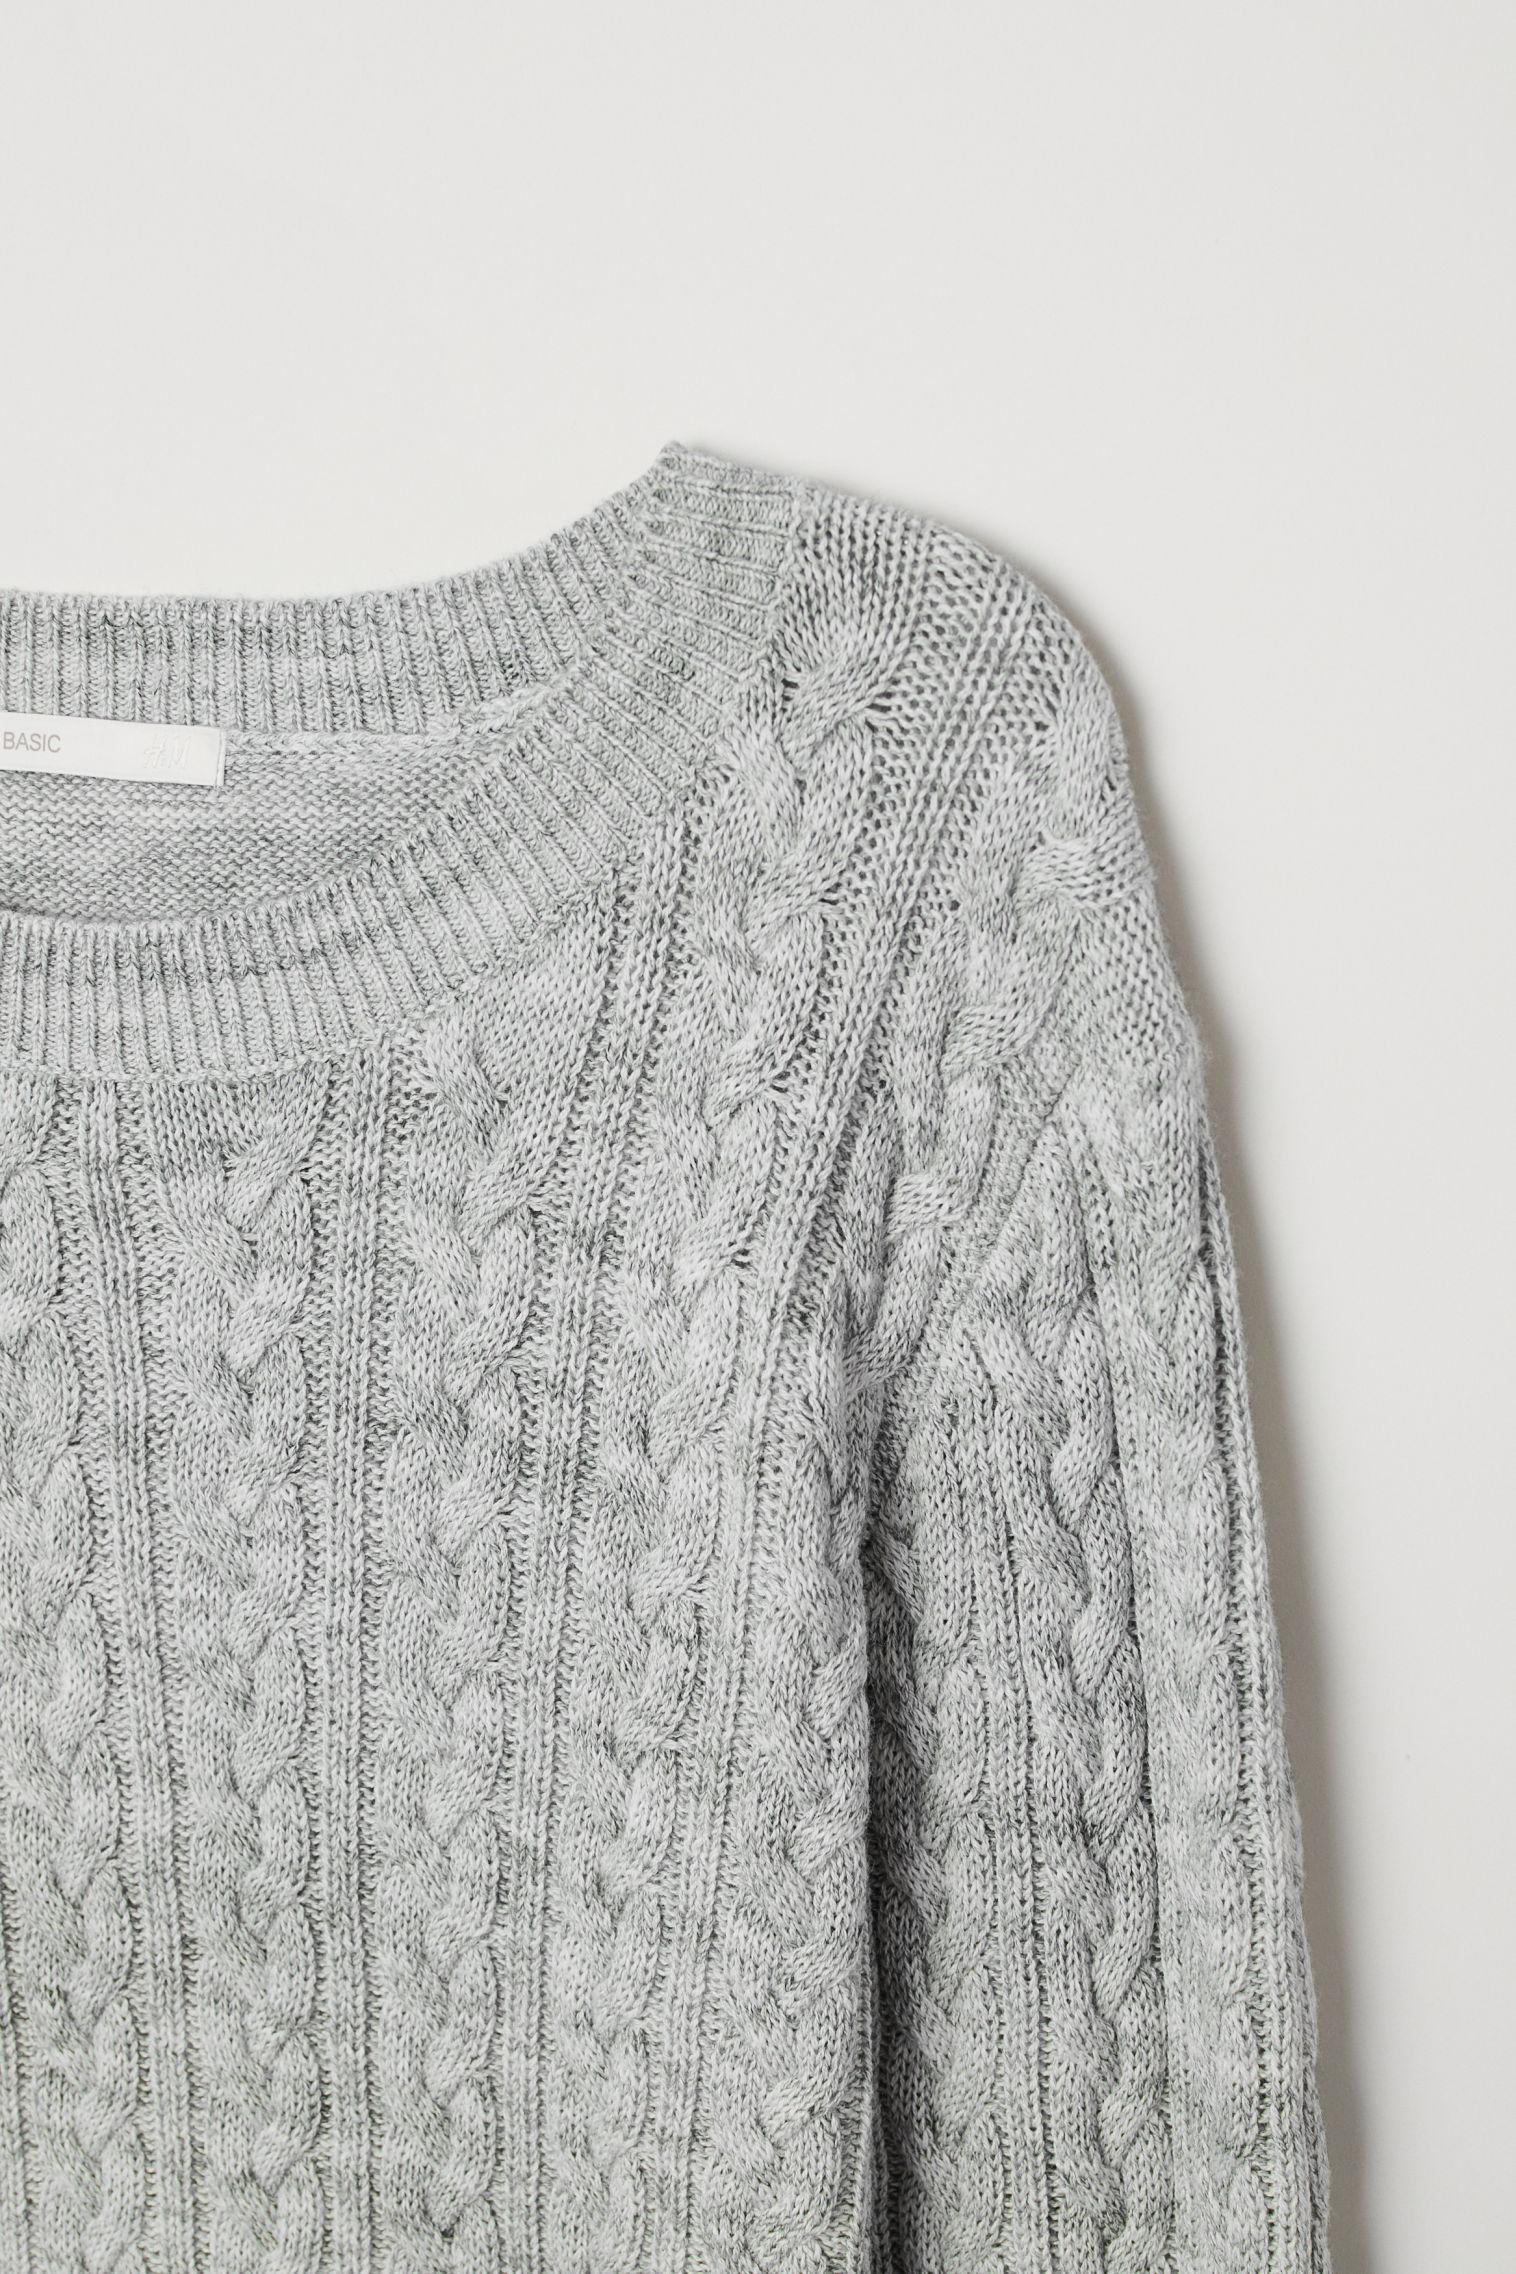 Cable-knit jumper | H&M Kuwait